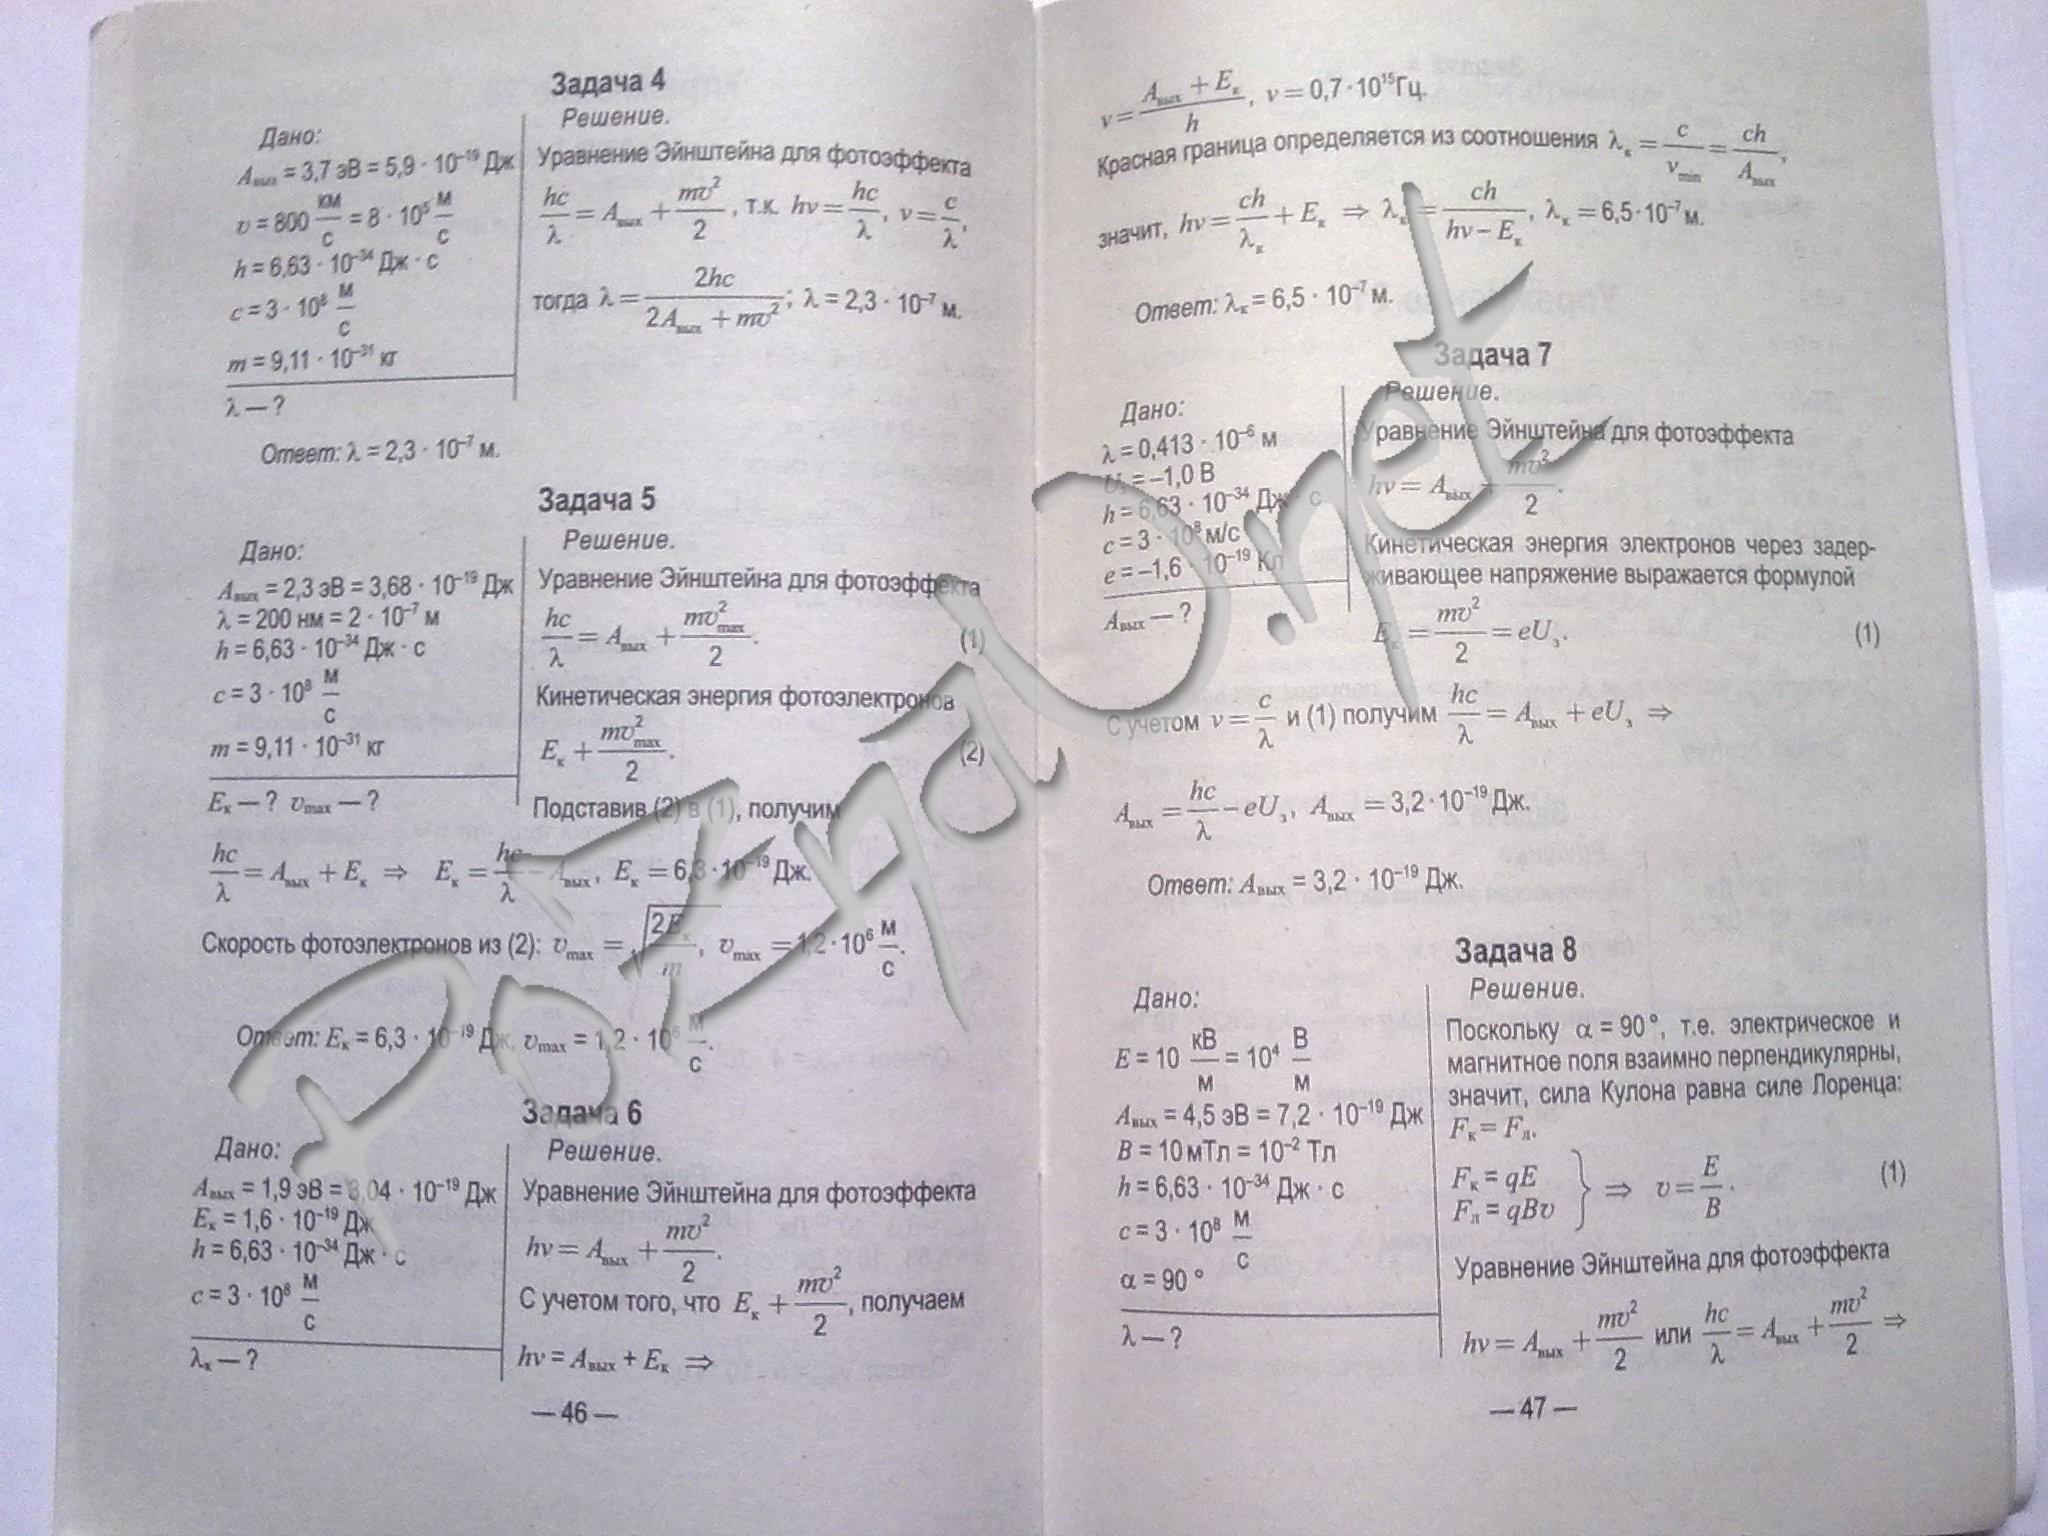 Жилко маркович физика 10 класс 2003 год решебник